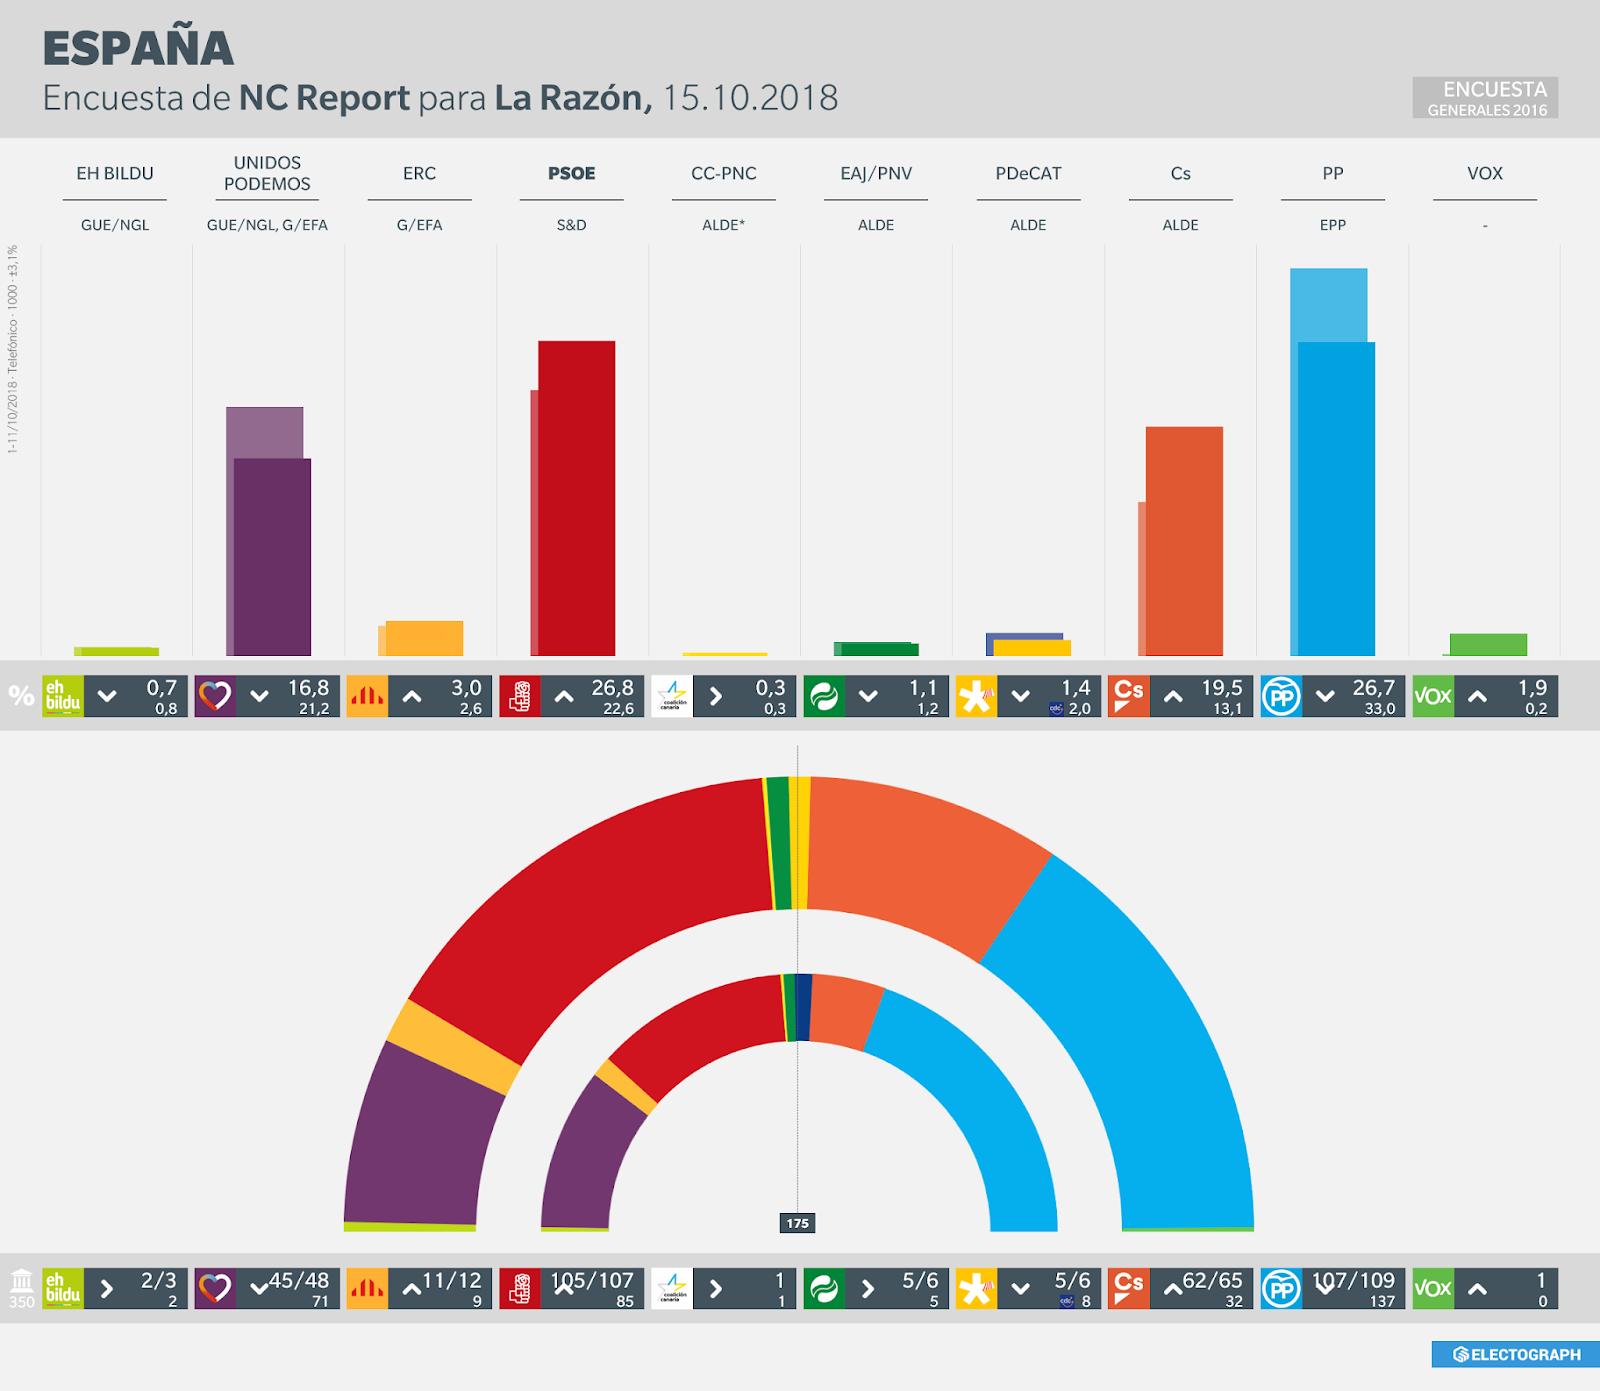 Gráfico de la encuesta para elecciones generales en España realizada por NC Report para La Razón en octubre de 2018